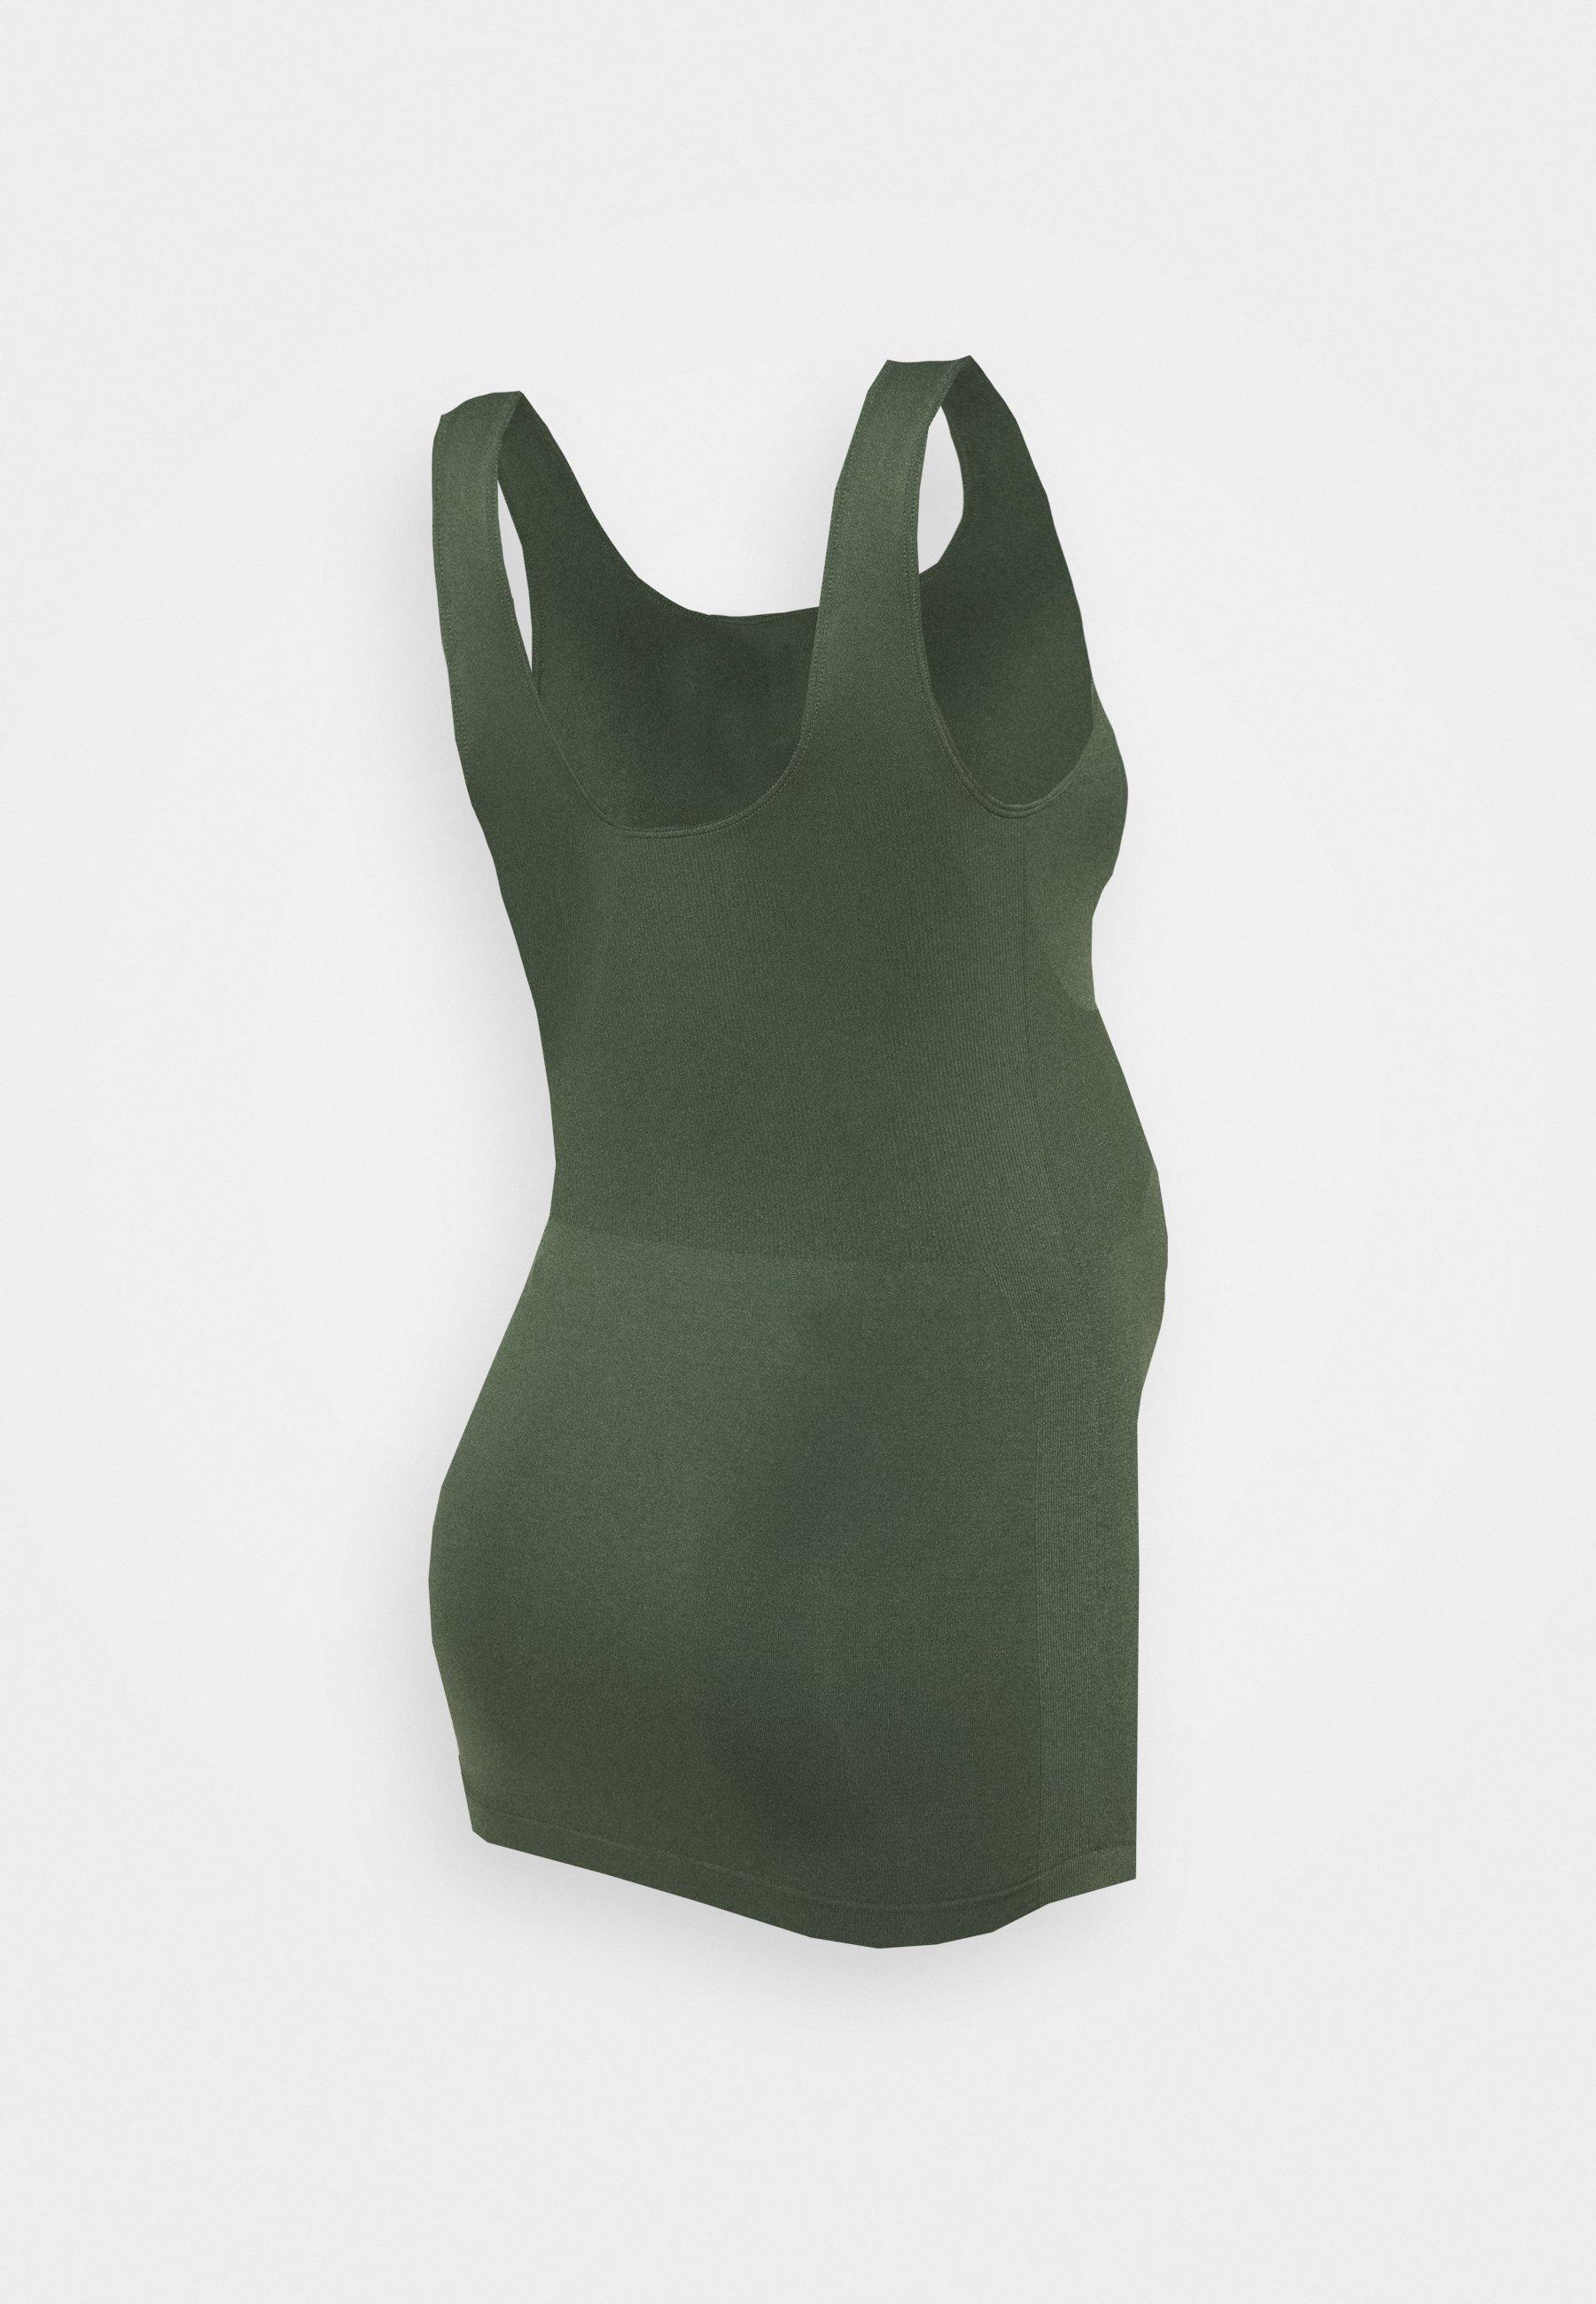 Mamalicious Mlheal Tank - Topper Thyme/mørkegrønn